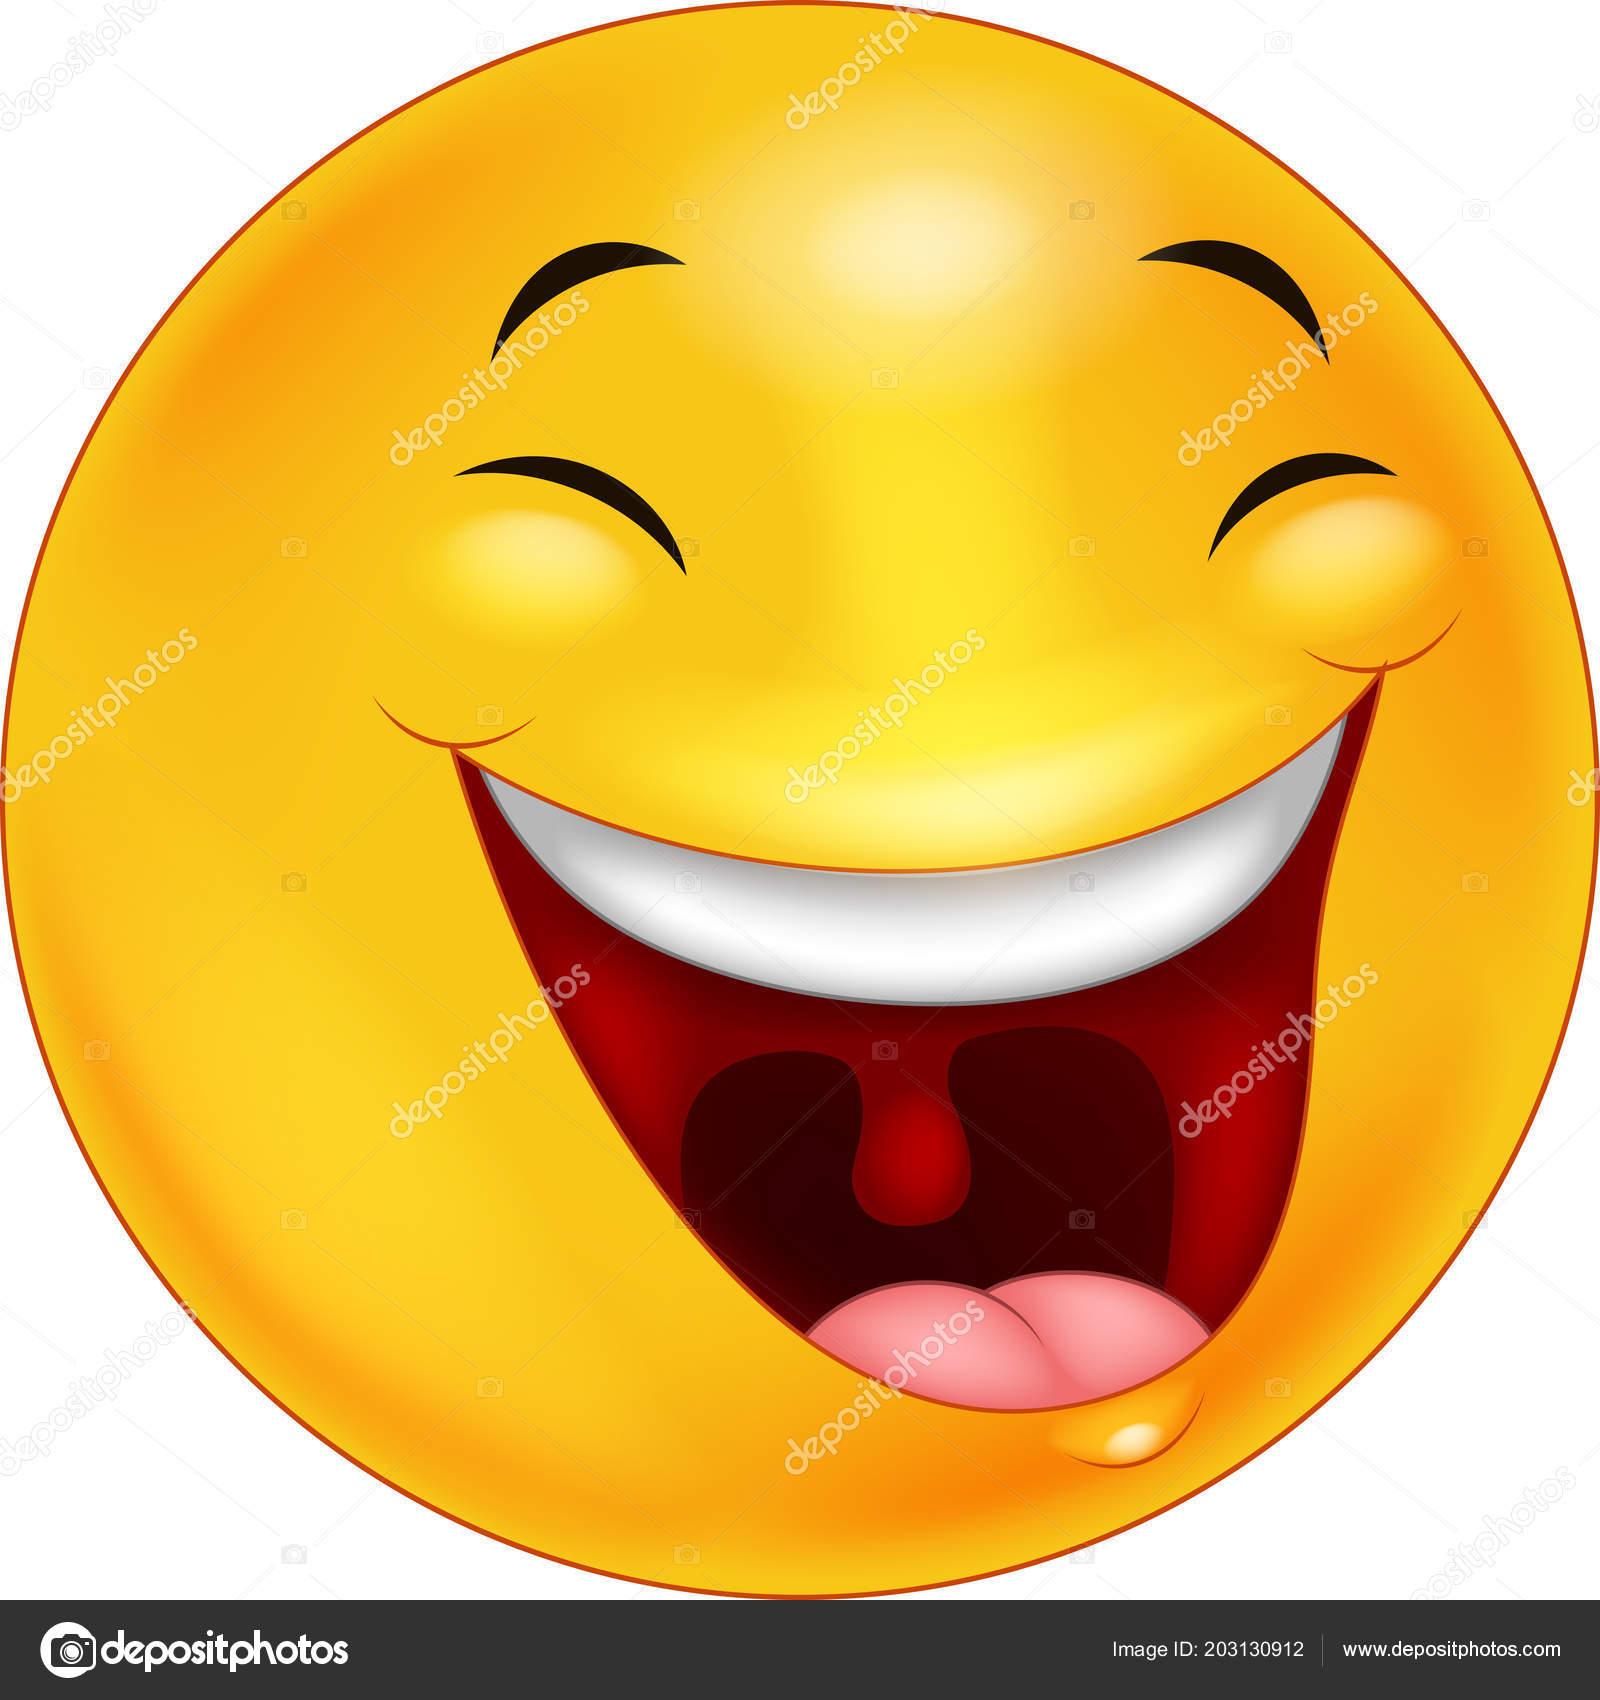 Cartone animato emoticon faccia smiley felice u vettoriali stock